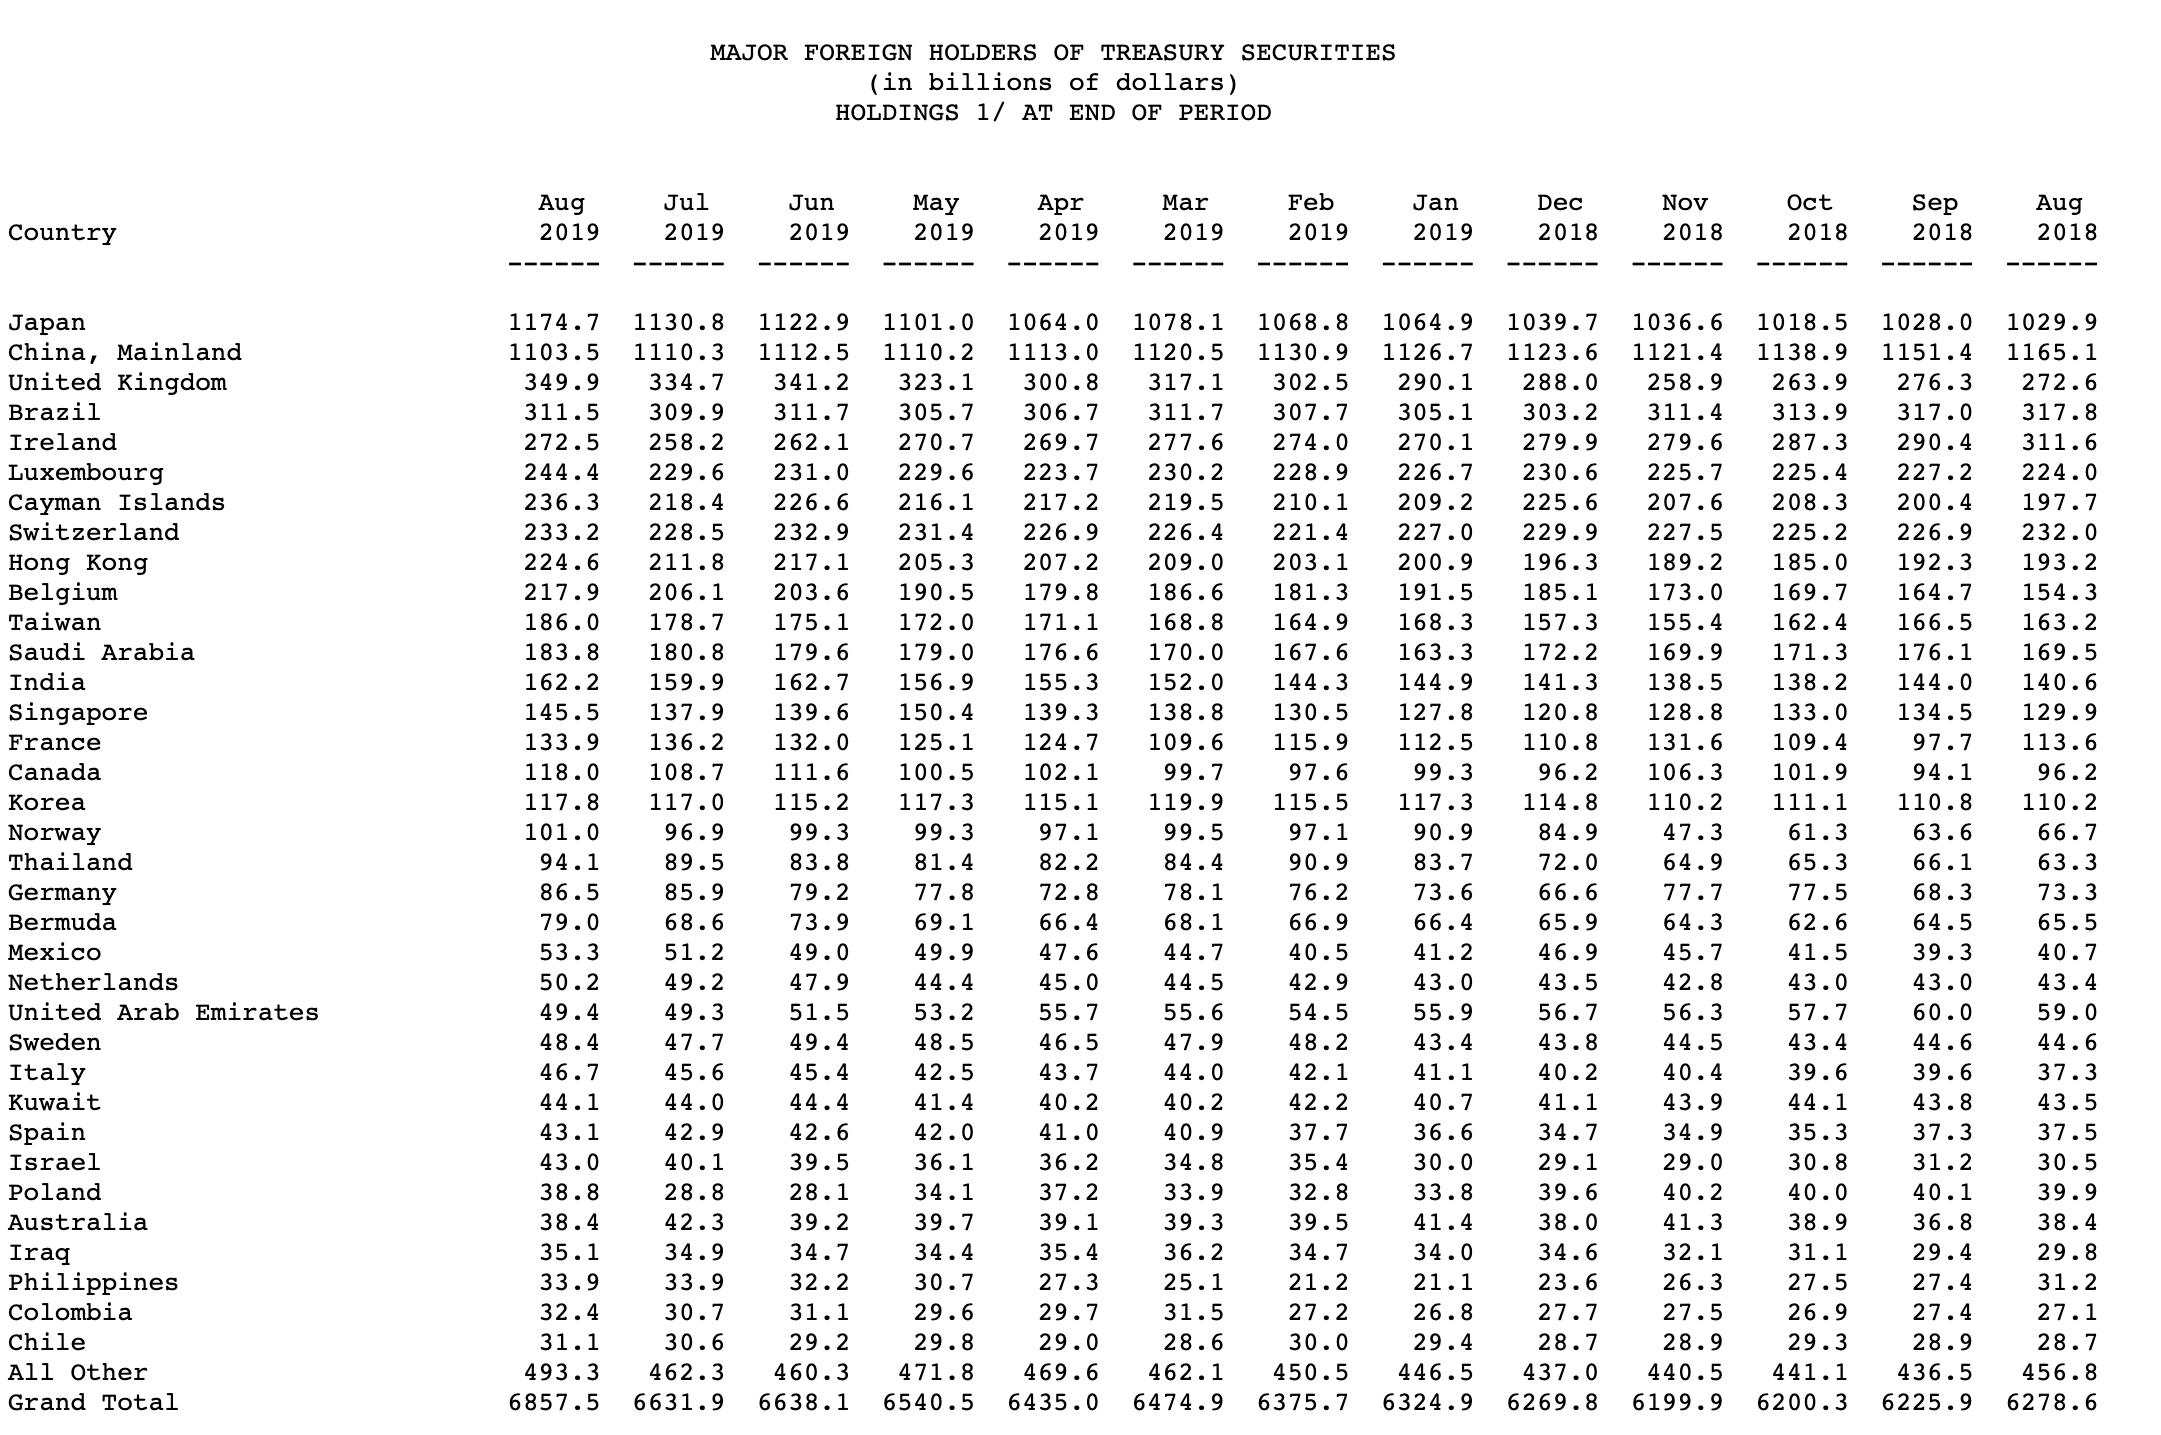 Statistik Ausländische Halter von US-Staatsanleihen